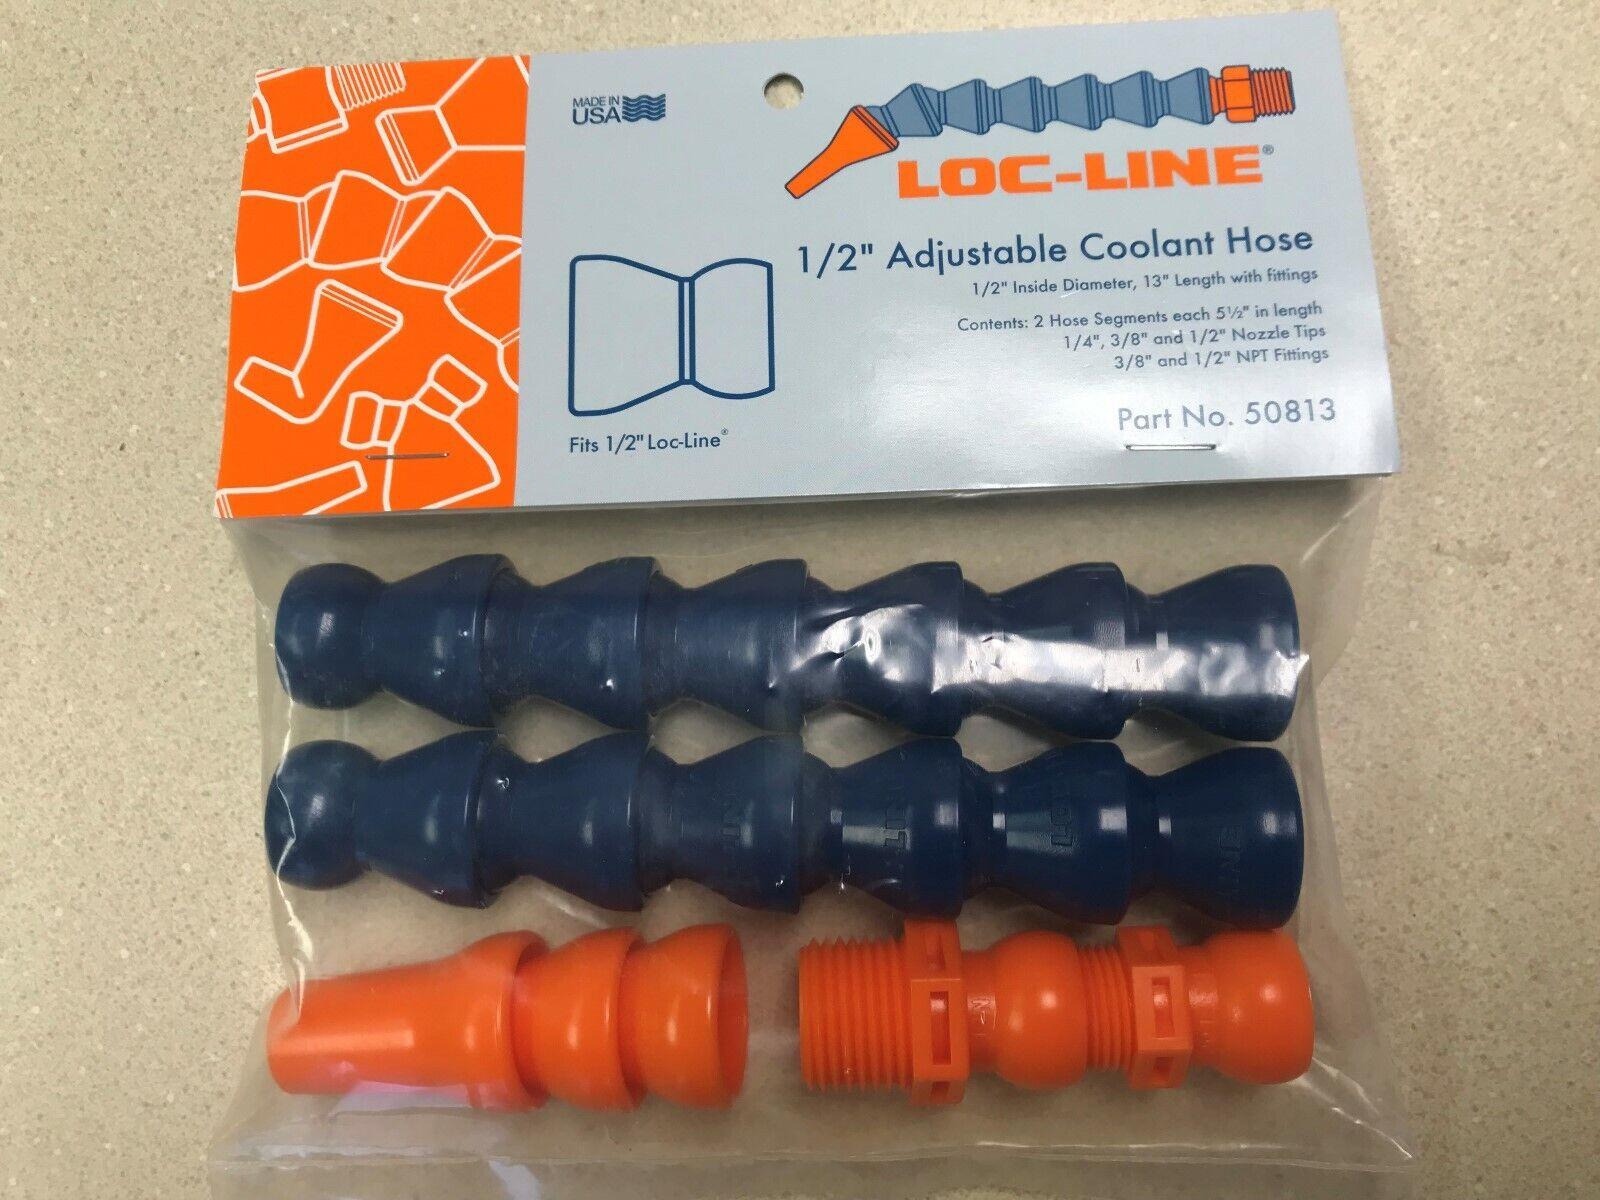 Acetal Copolymer 13 Piece Loc-Line Coolant Hose Extended Element Kit 1//4 Hose ID